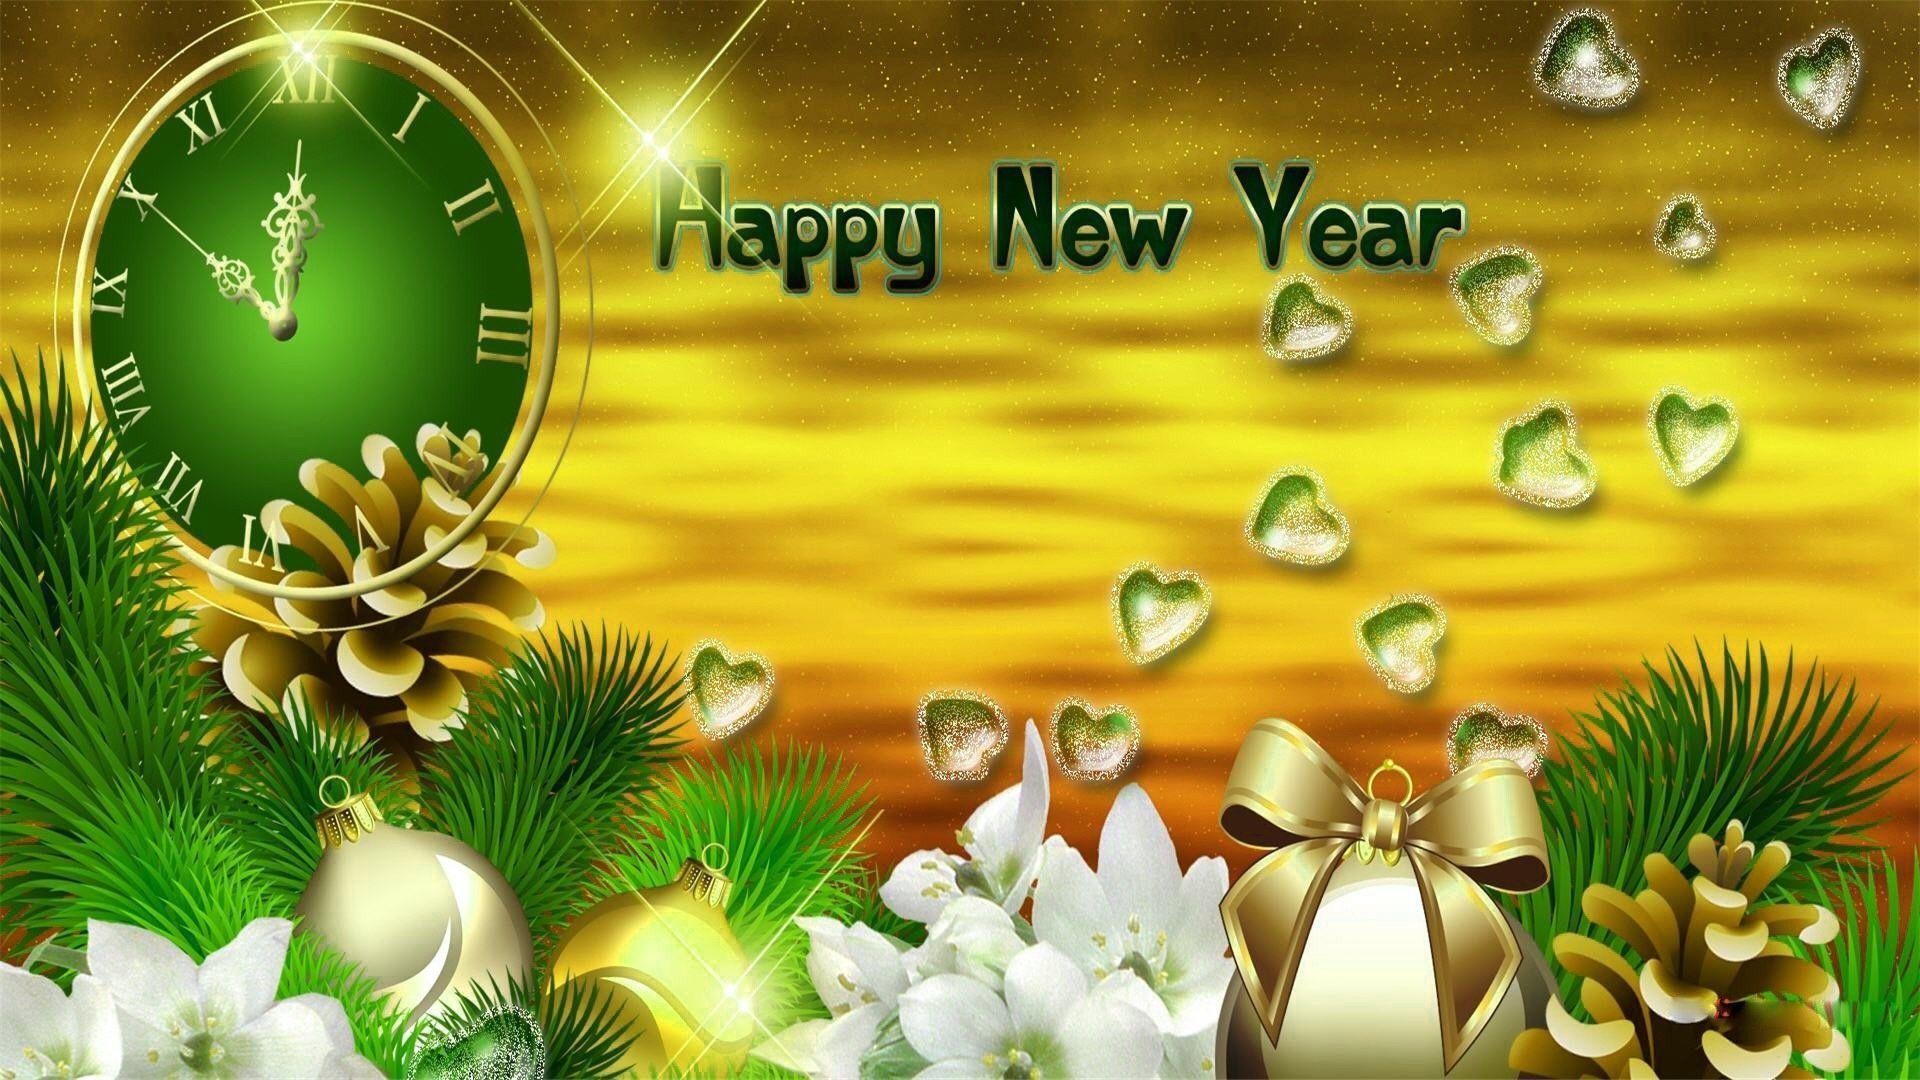 New Year Desktop Wallpapers